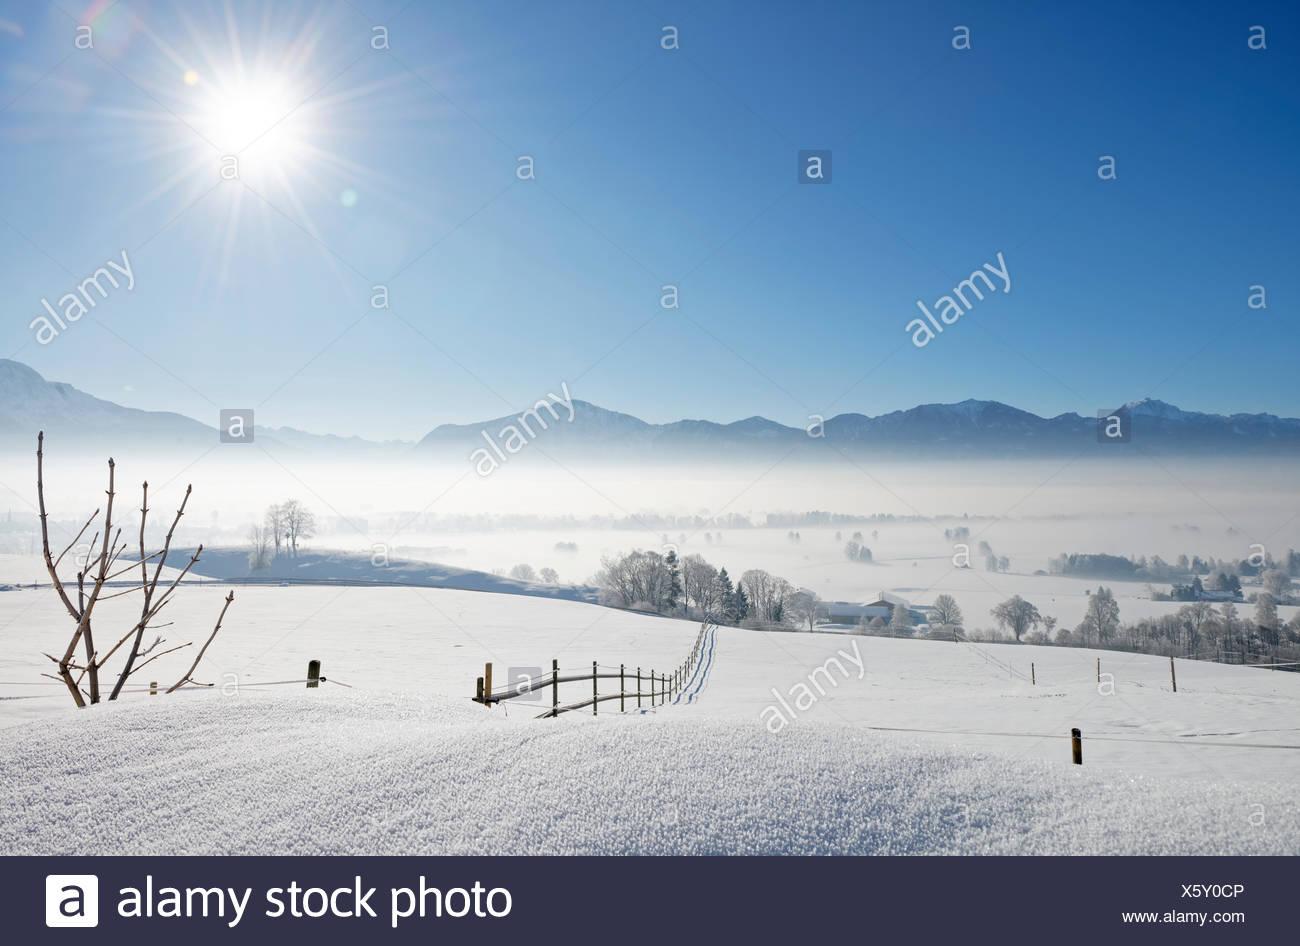 Morgennebel Ÿber Loisachmoor, Loisachtal bei Gro§weil, Blaues Land, Oberbayern, Bayern, Deutschland, Europa Stock Photo